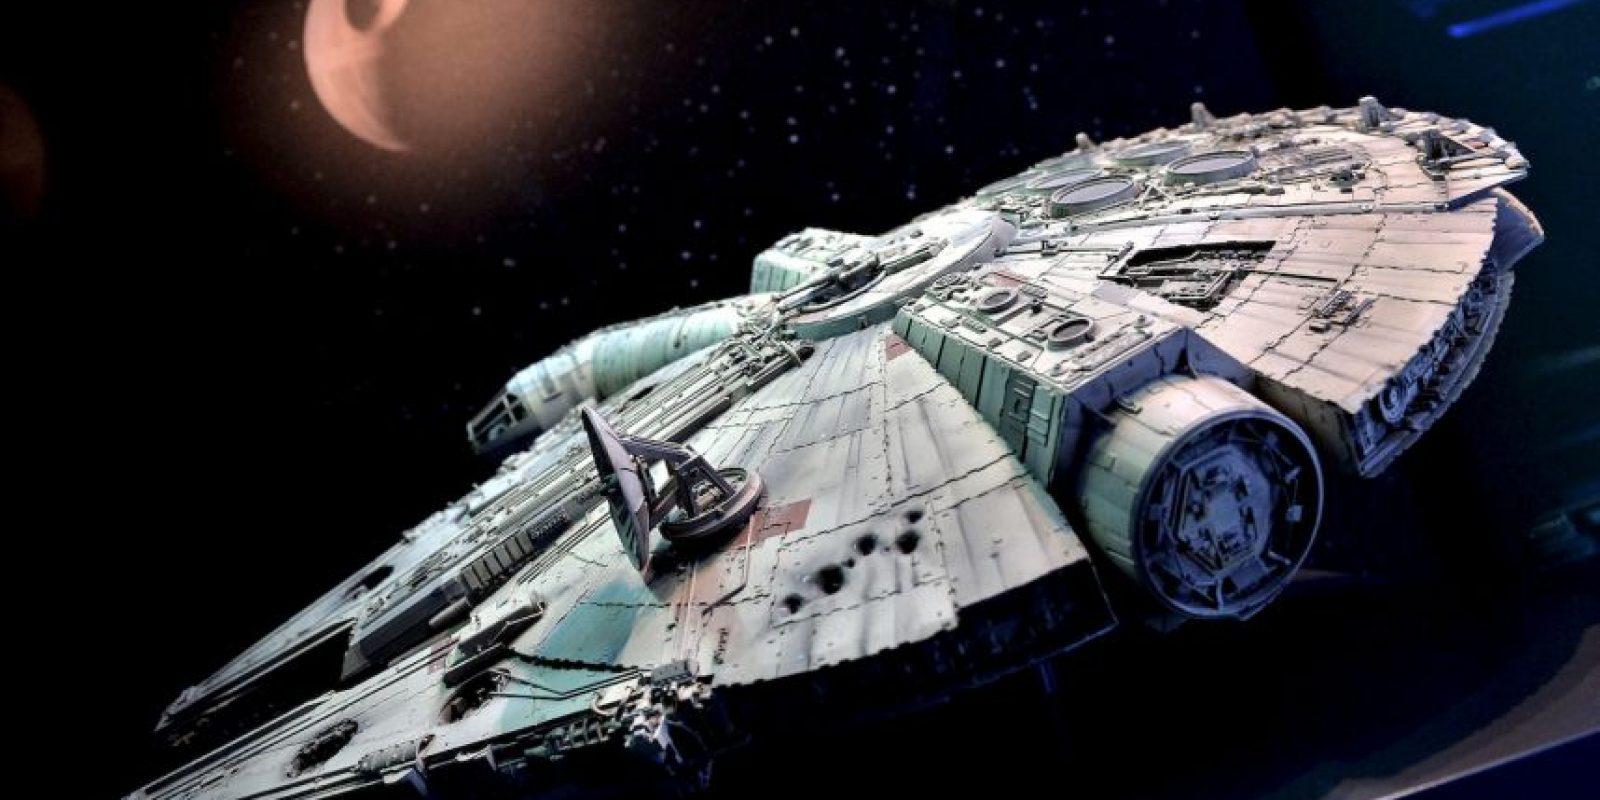 """El esperado estreno de """"El despertar de la fuerza"""" llegará a los cines en diciembre de este año. Foto:Getty Images"""